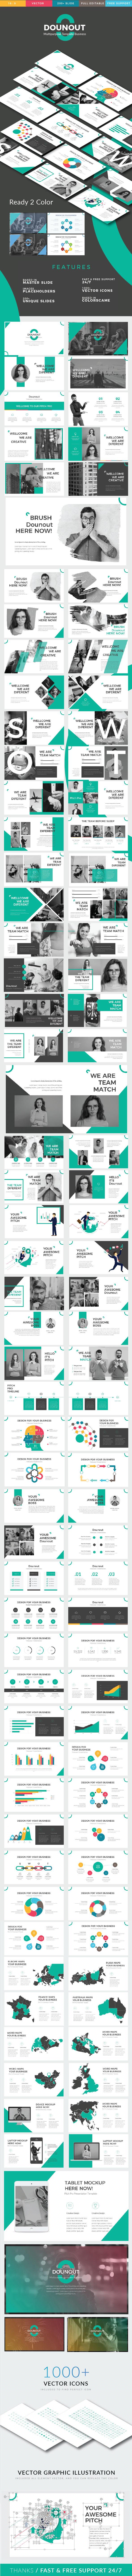 Dounot Powerpoint Template - Business PowerPoint Templates